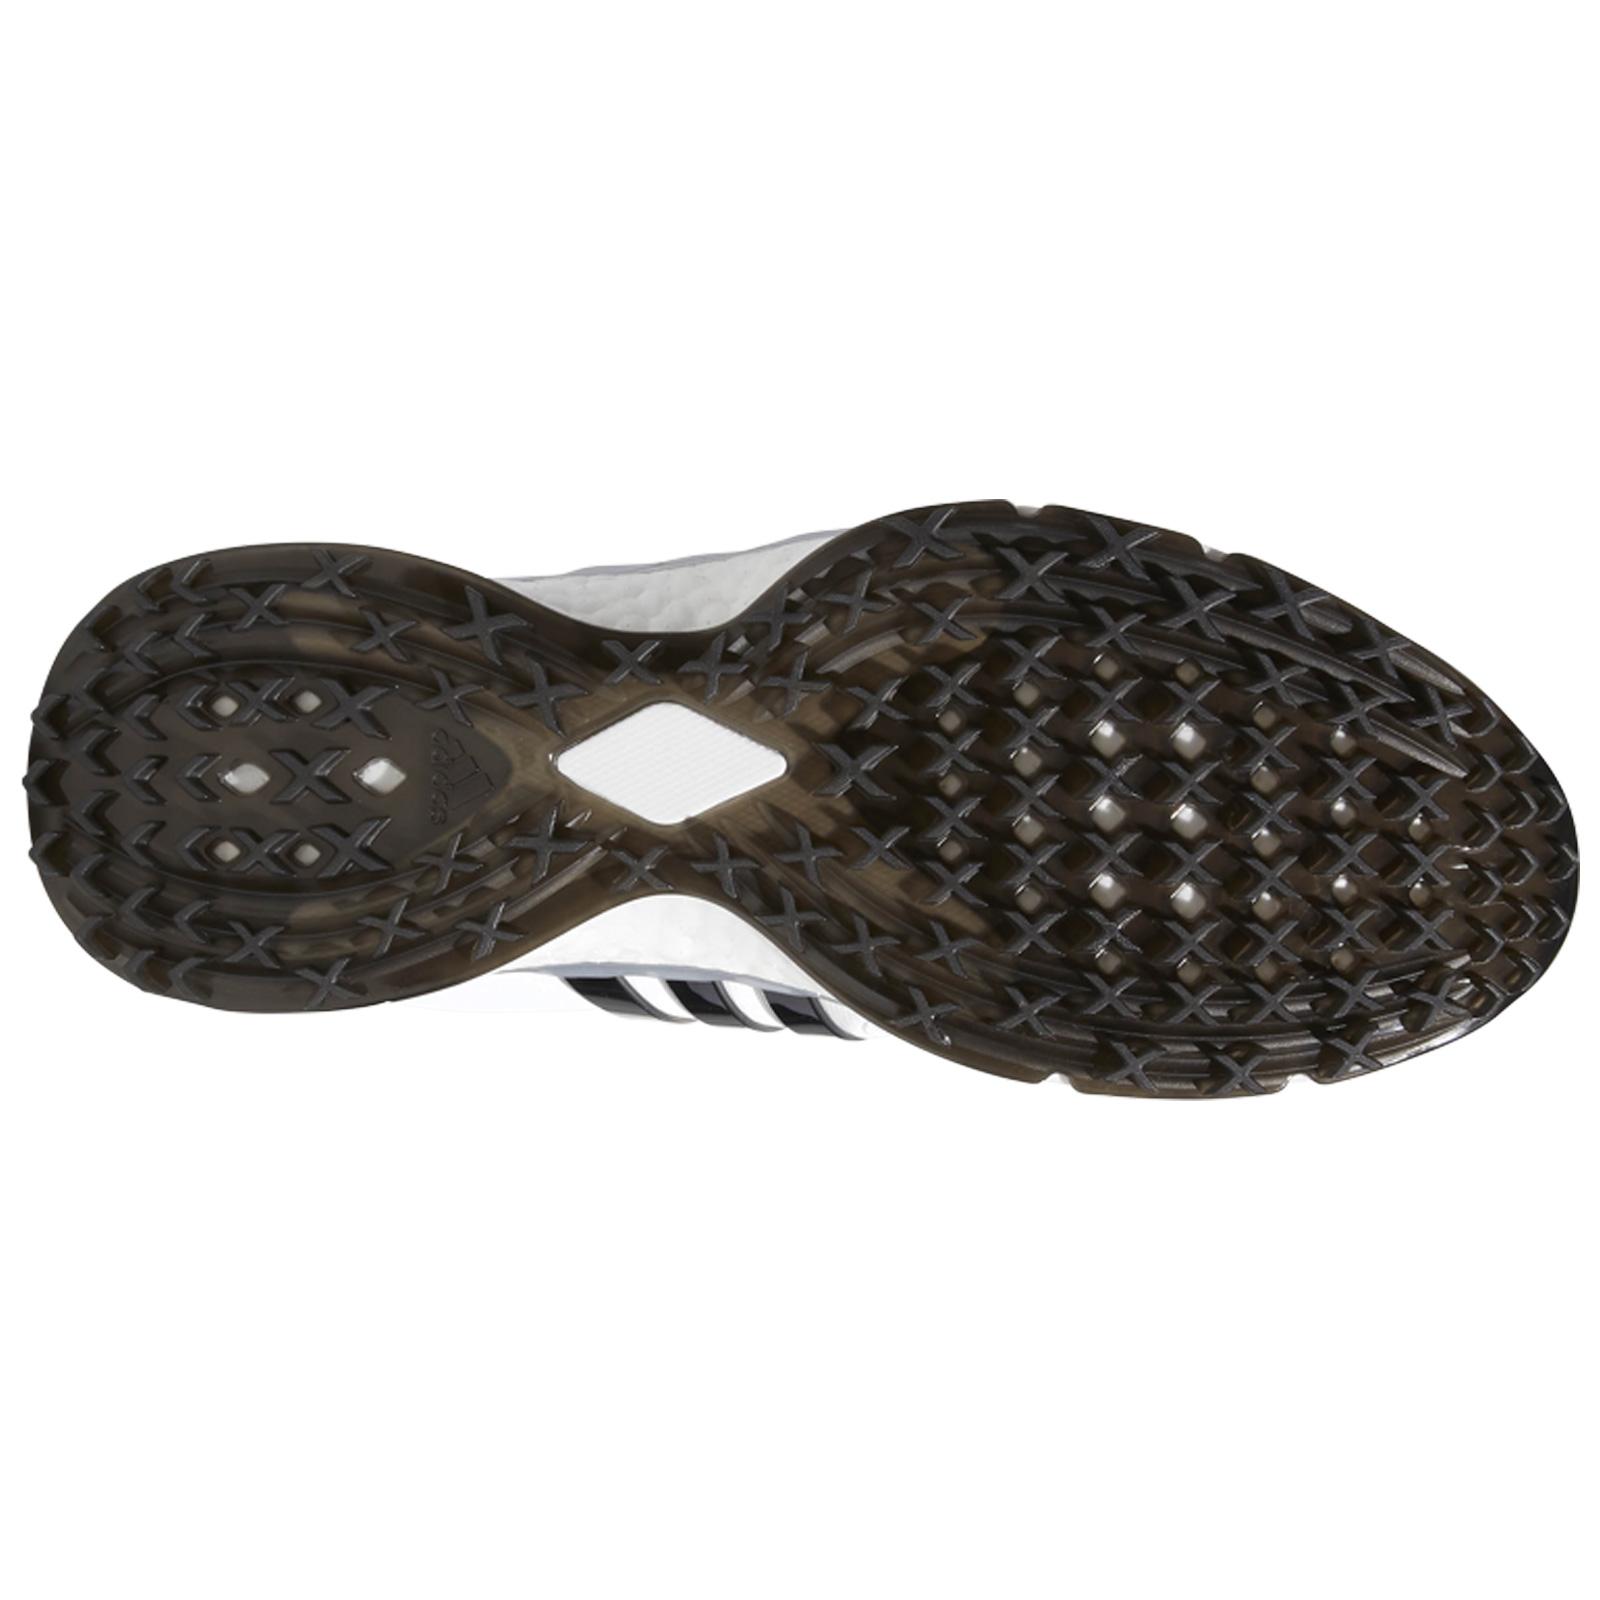 2019 Adidas Mens Tour360 XT-SL Spikeless Boost Golf Shoes New ... 09d8a2c5f